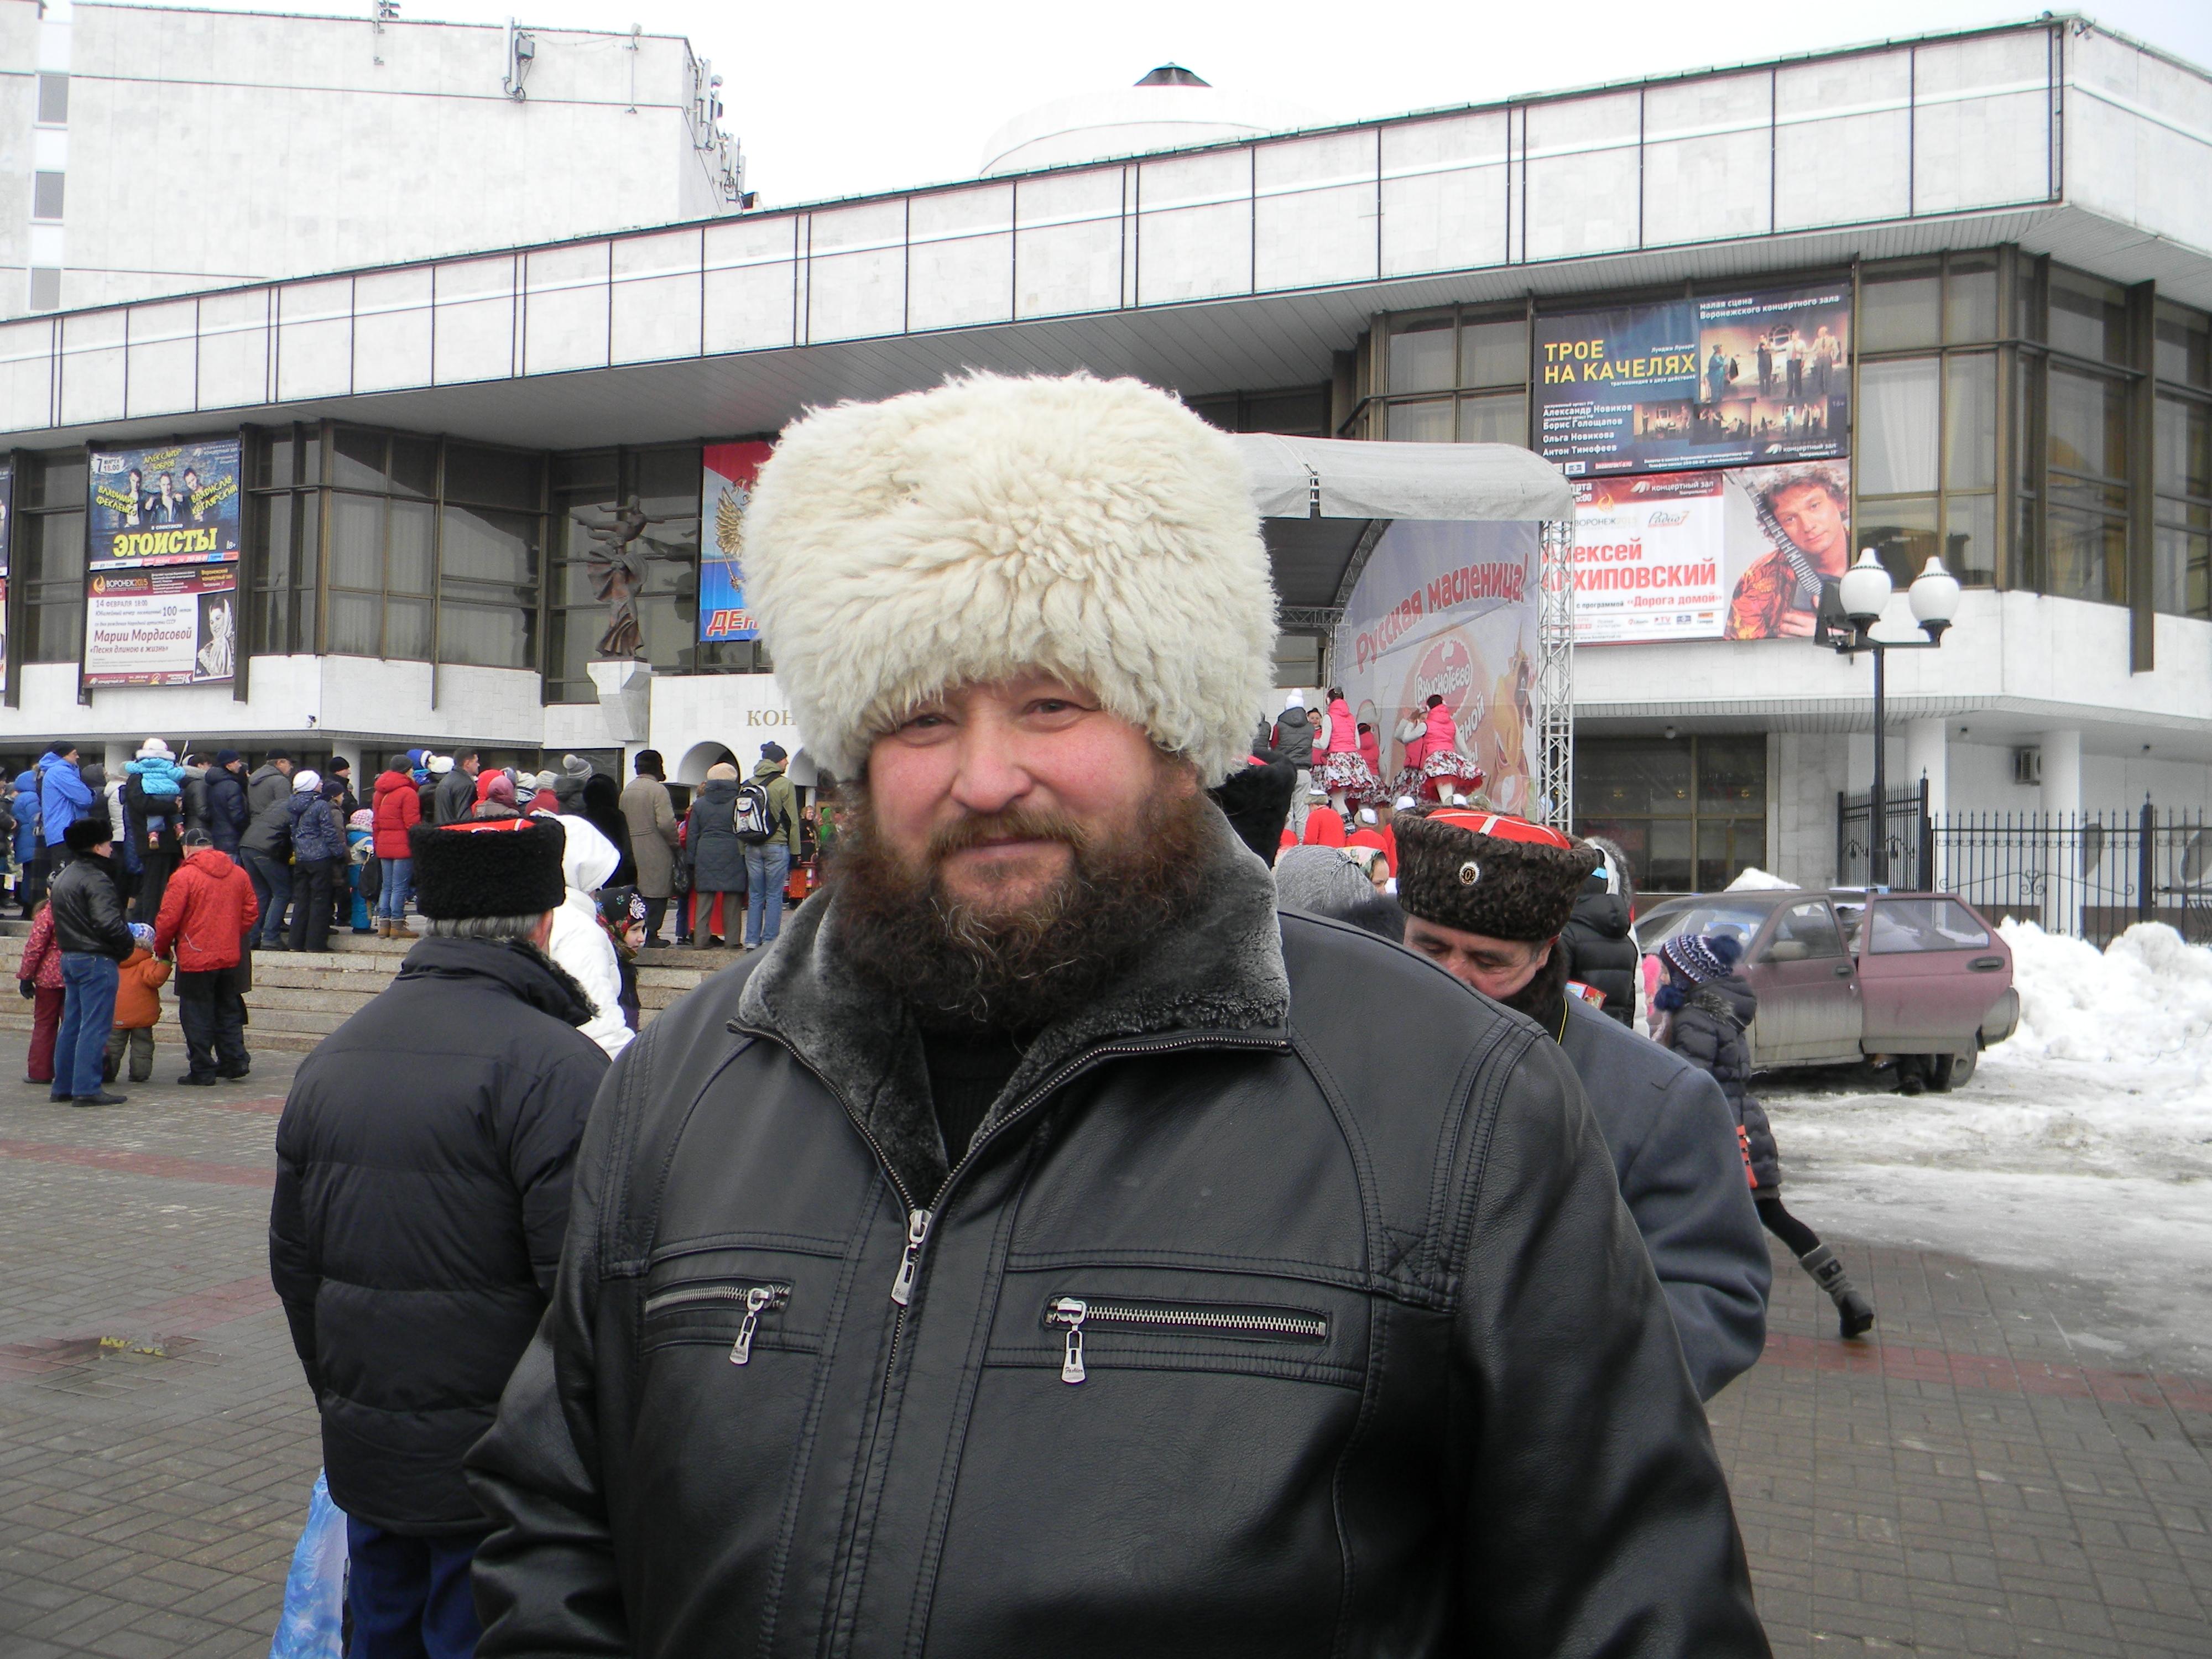 Гей мальчики праституты луганск